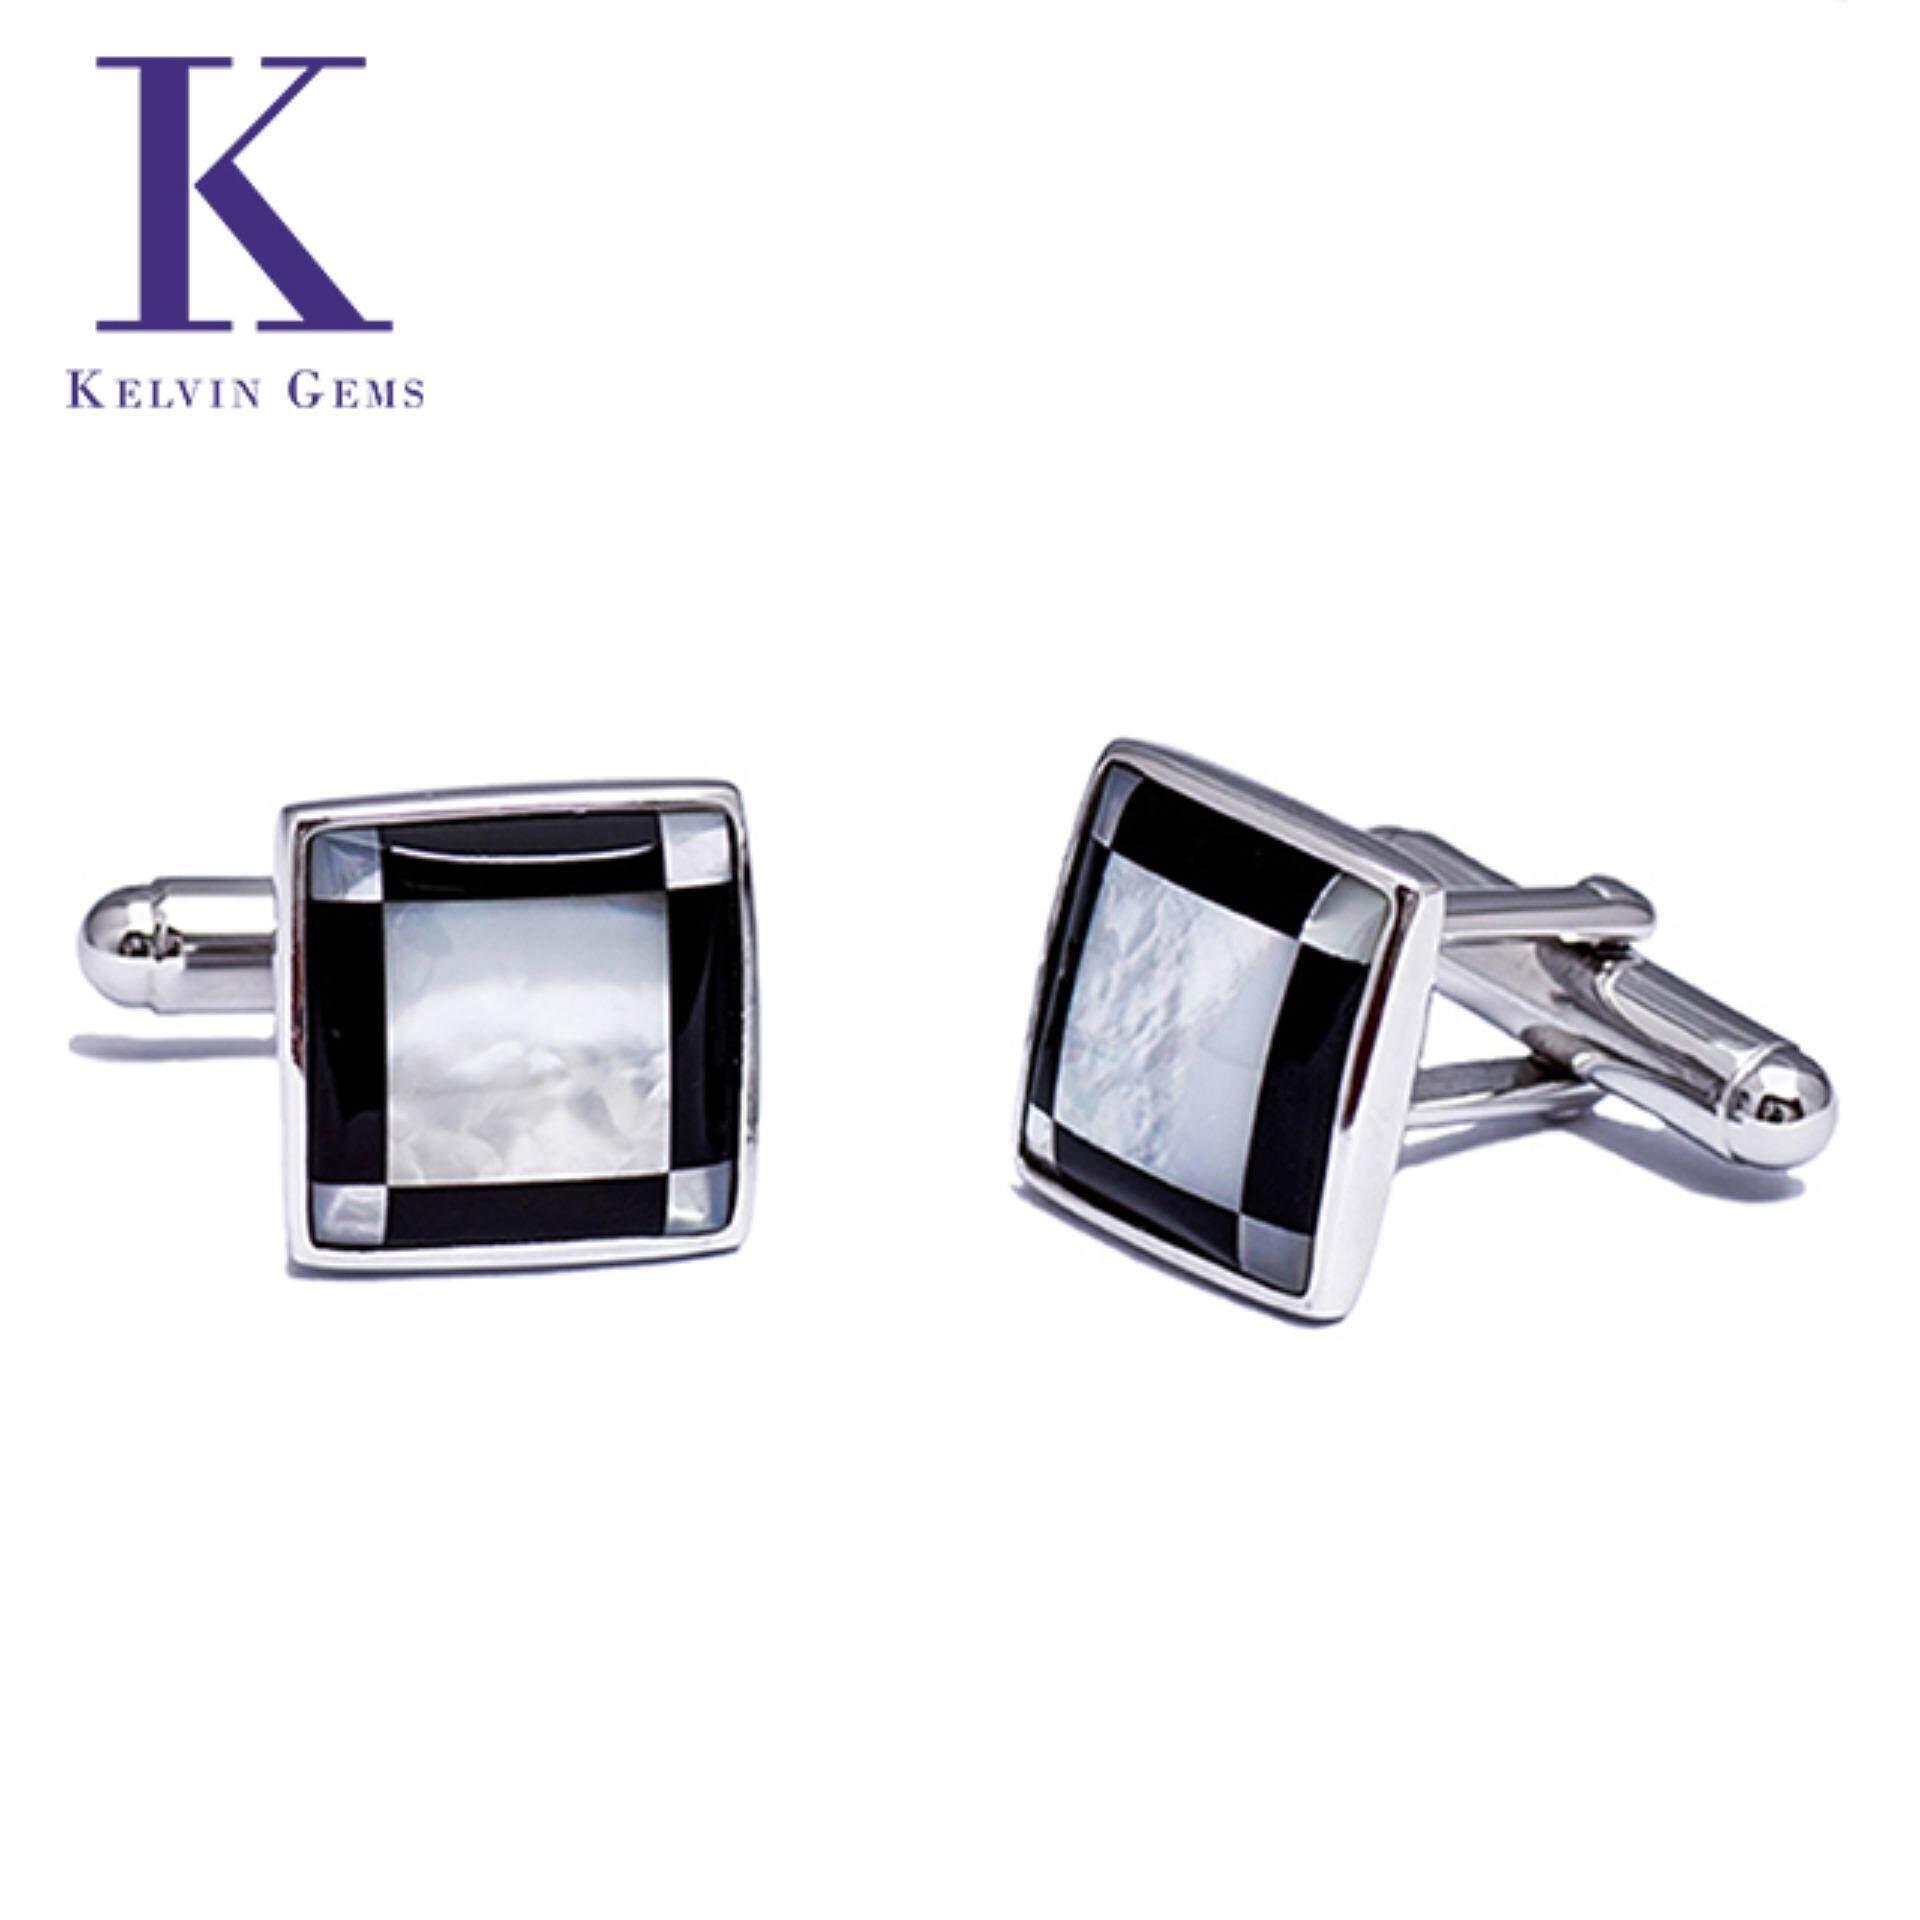 Kelvin Gems Chryses Cufflinks